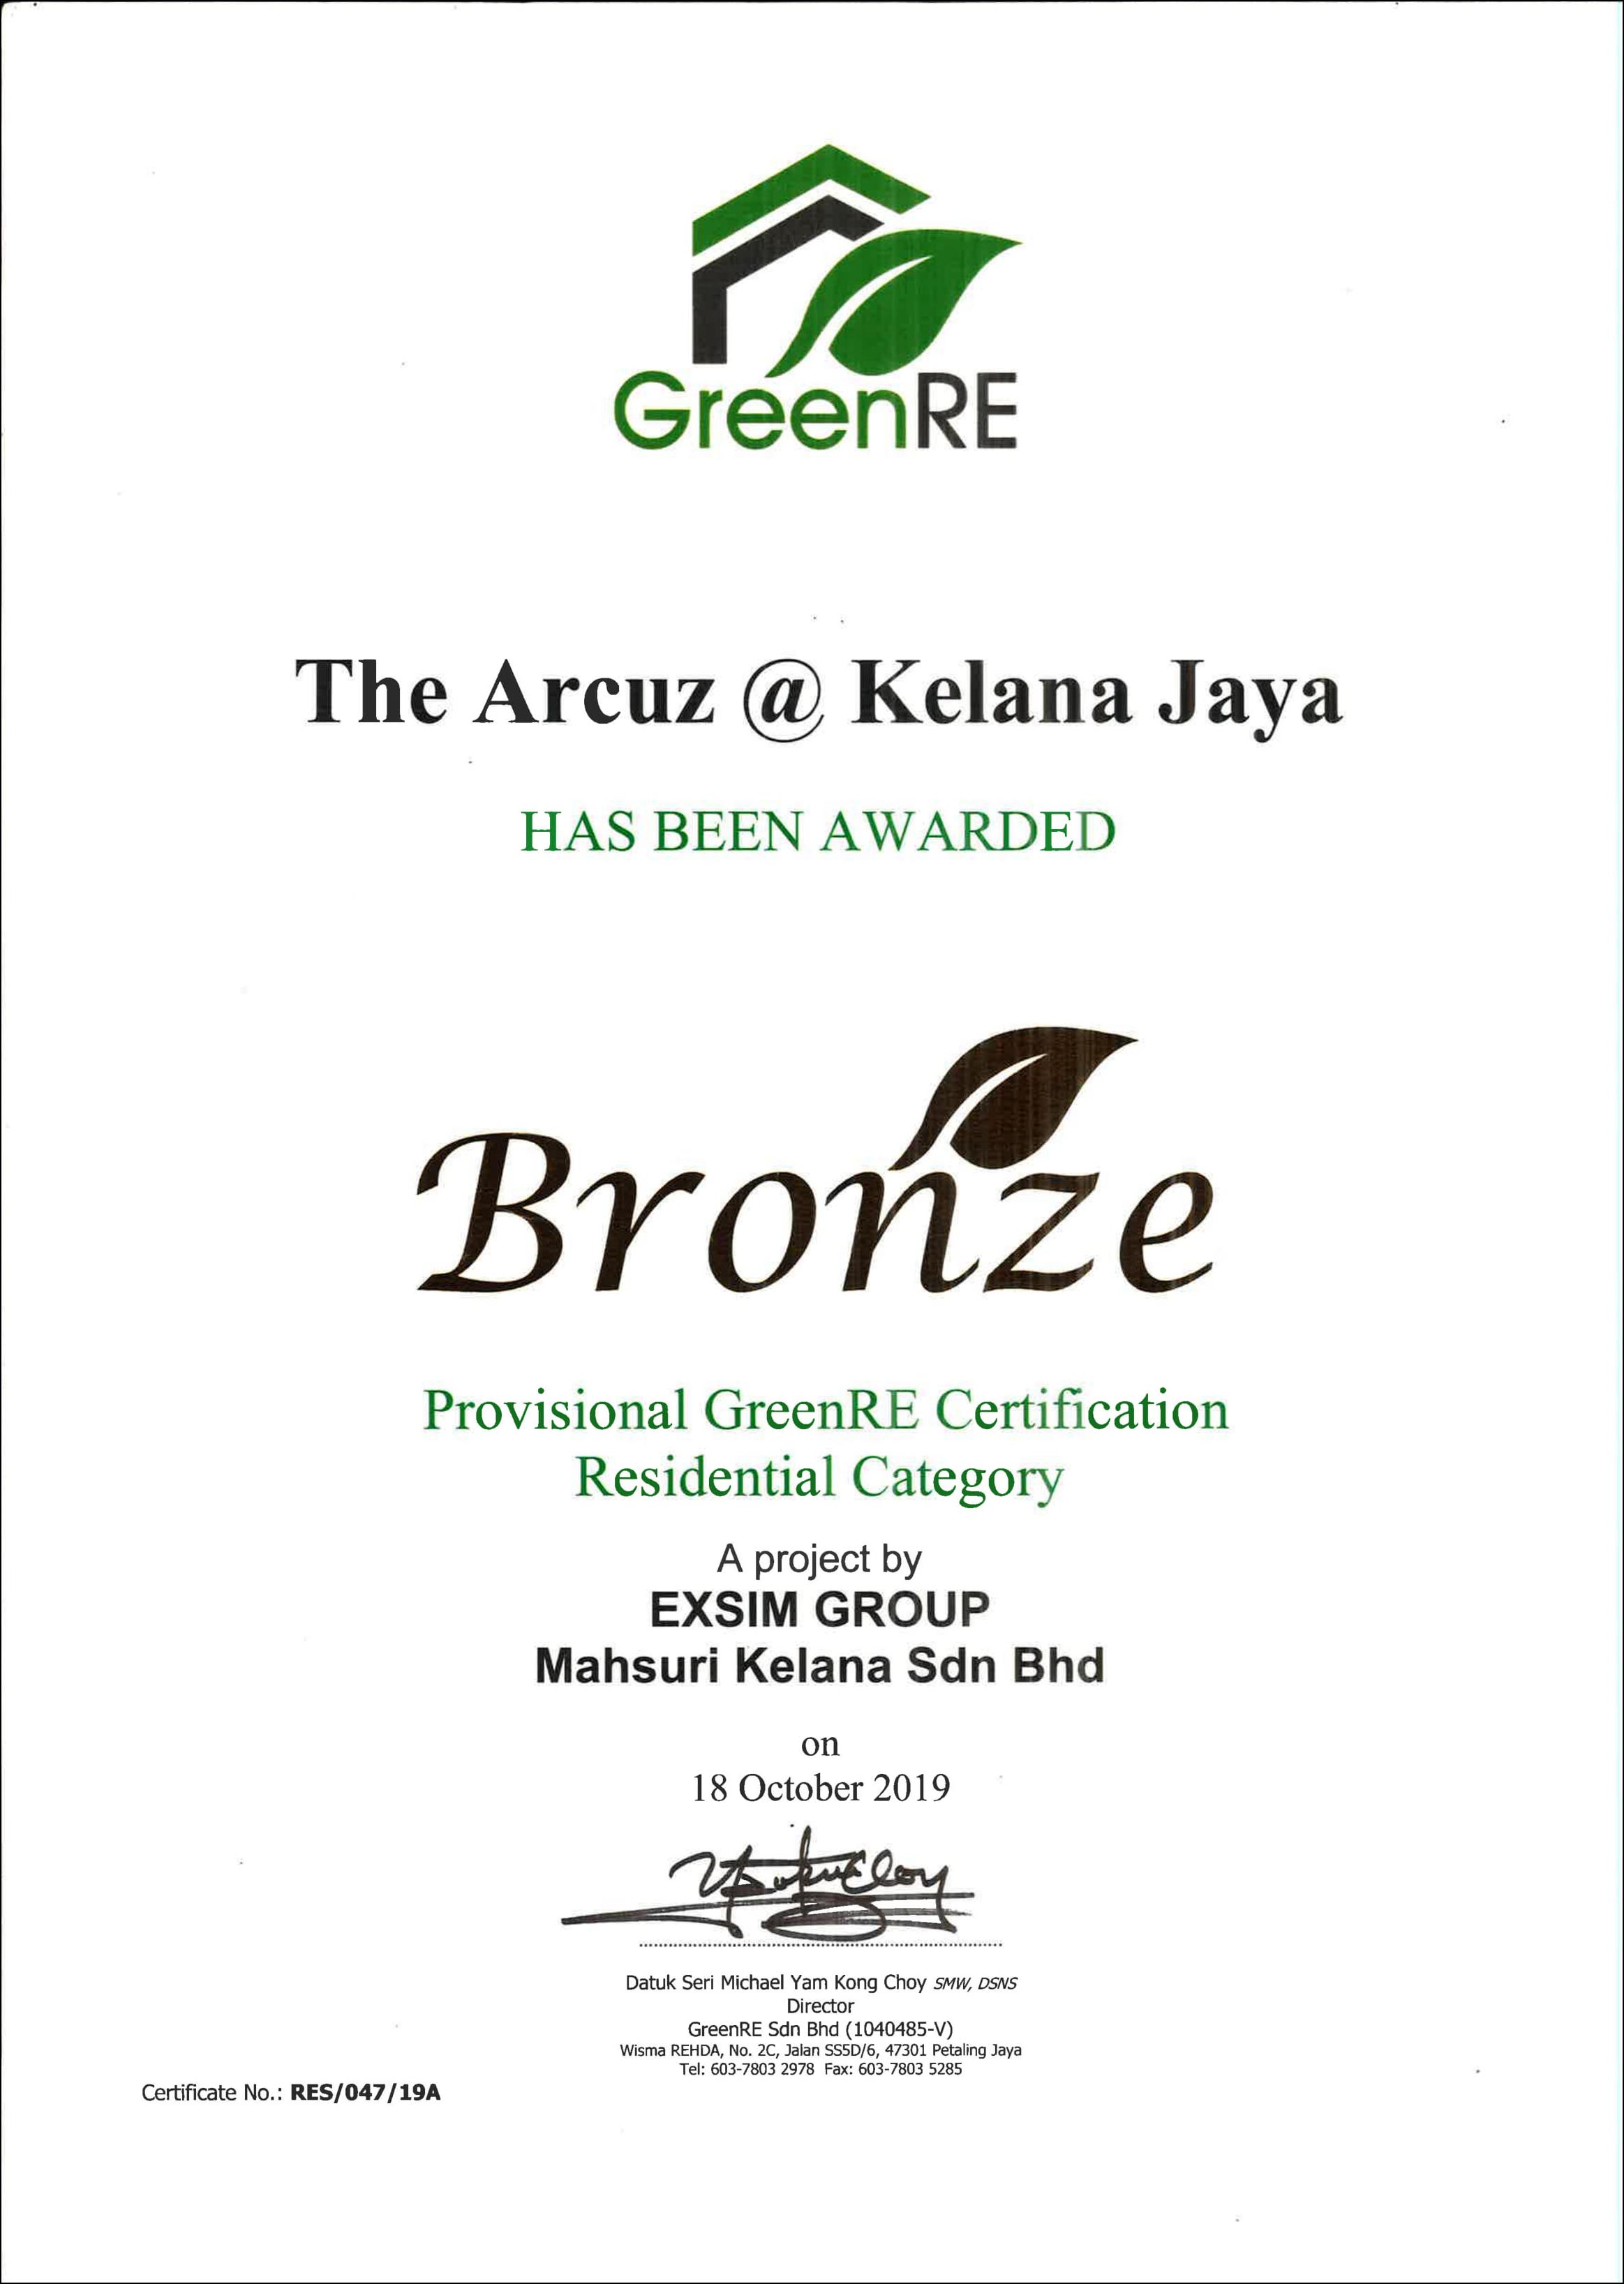 191125_Arcuz_GreenRe-Bronze-Cert